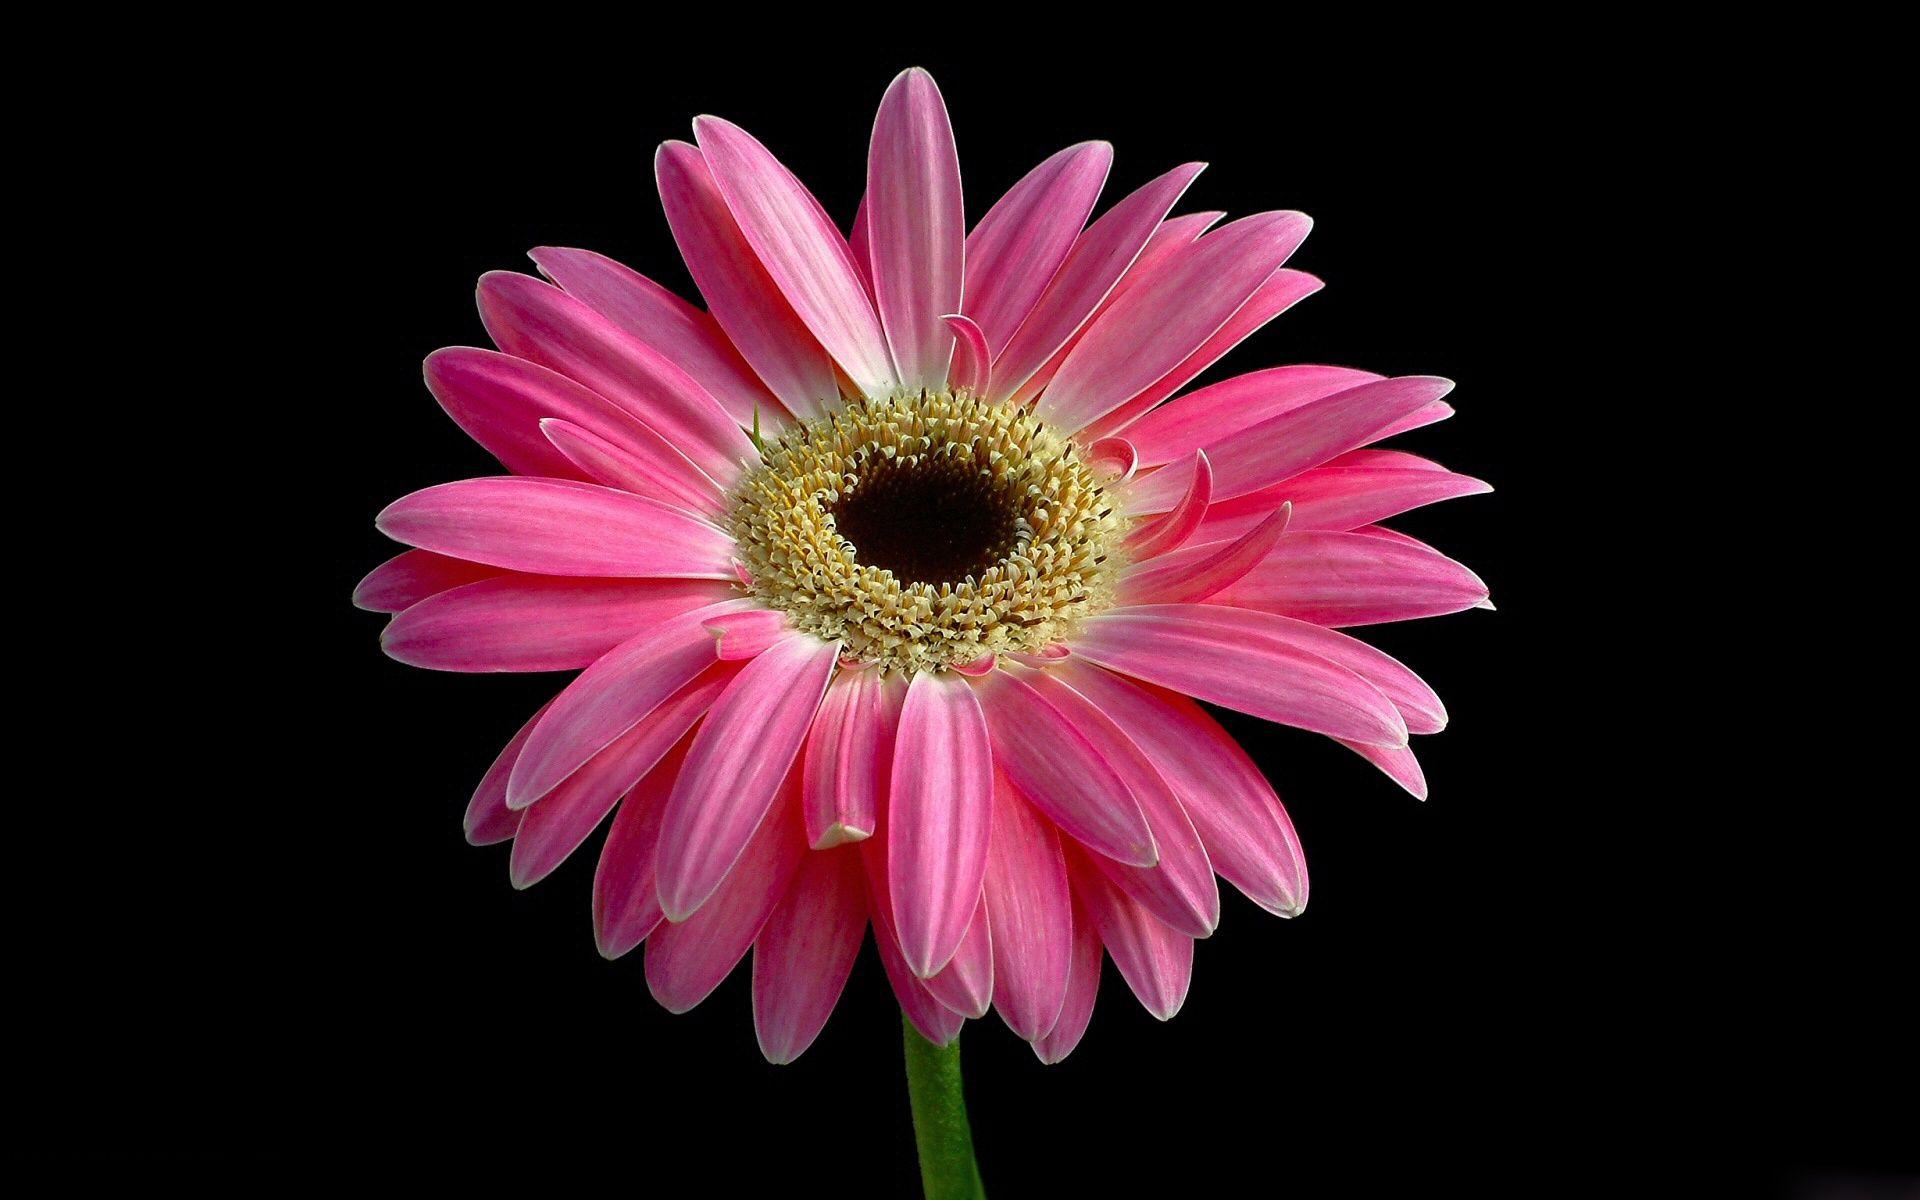 pink gerbera flowers wallpapers - photo #3